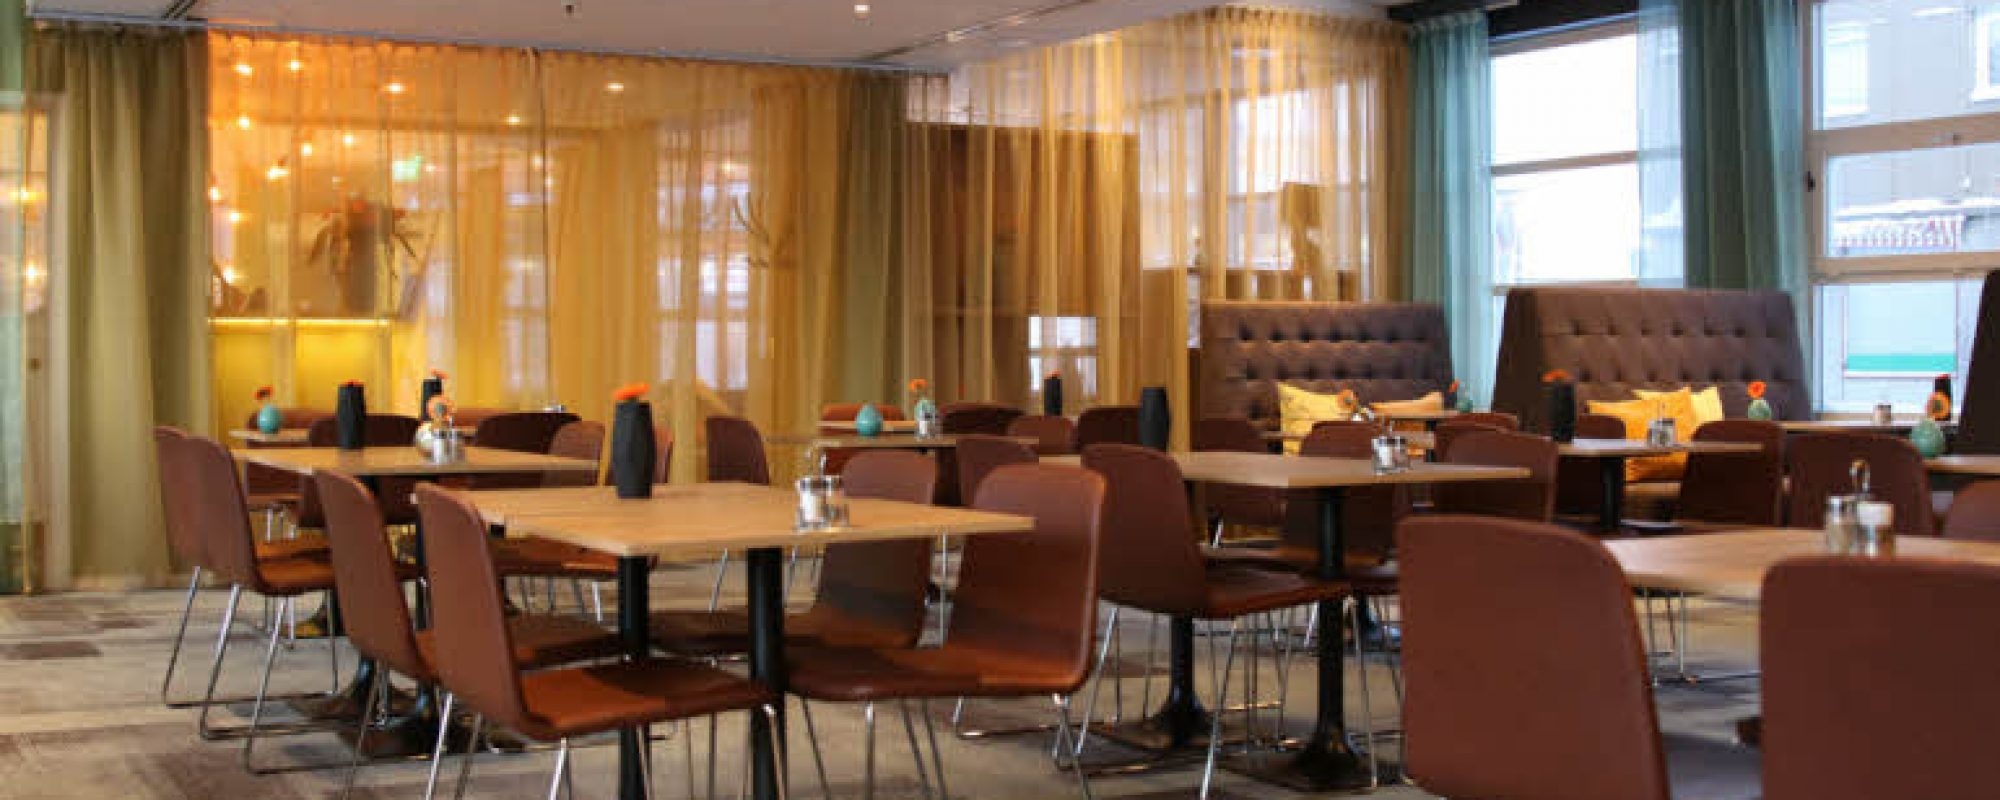 Scandic_Kirkenes_Restaurant_8